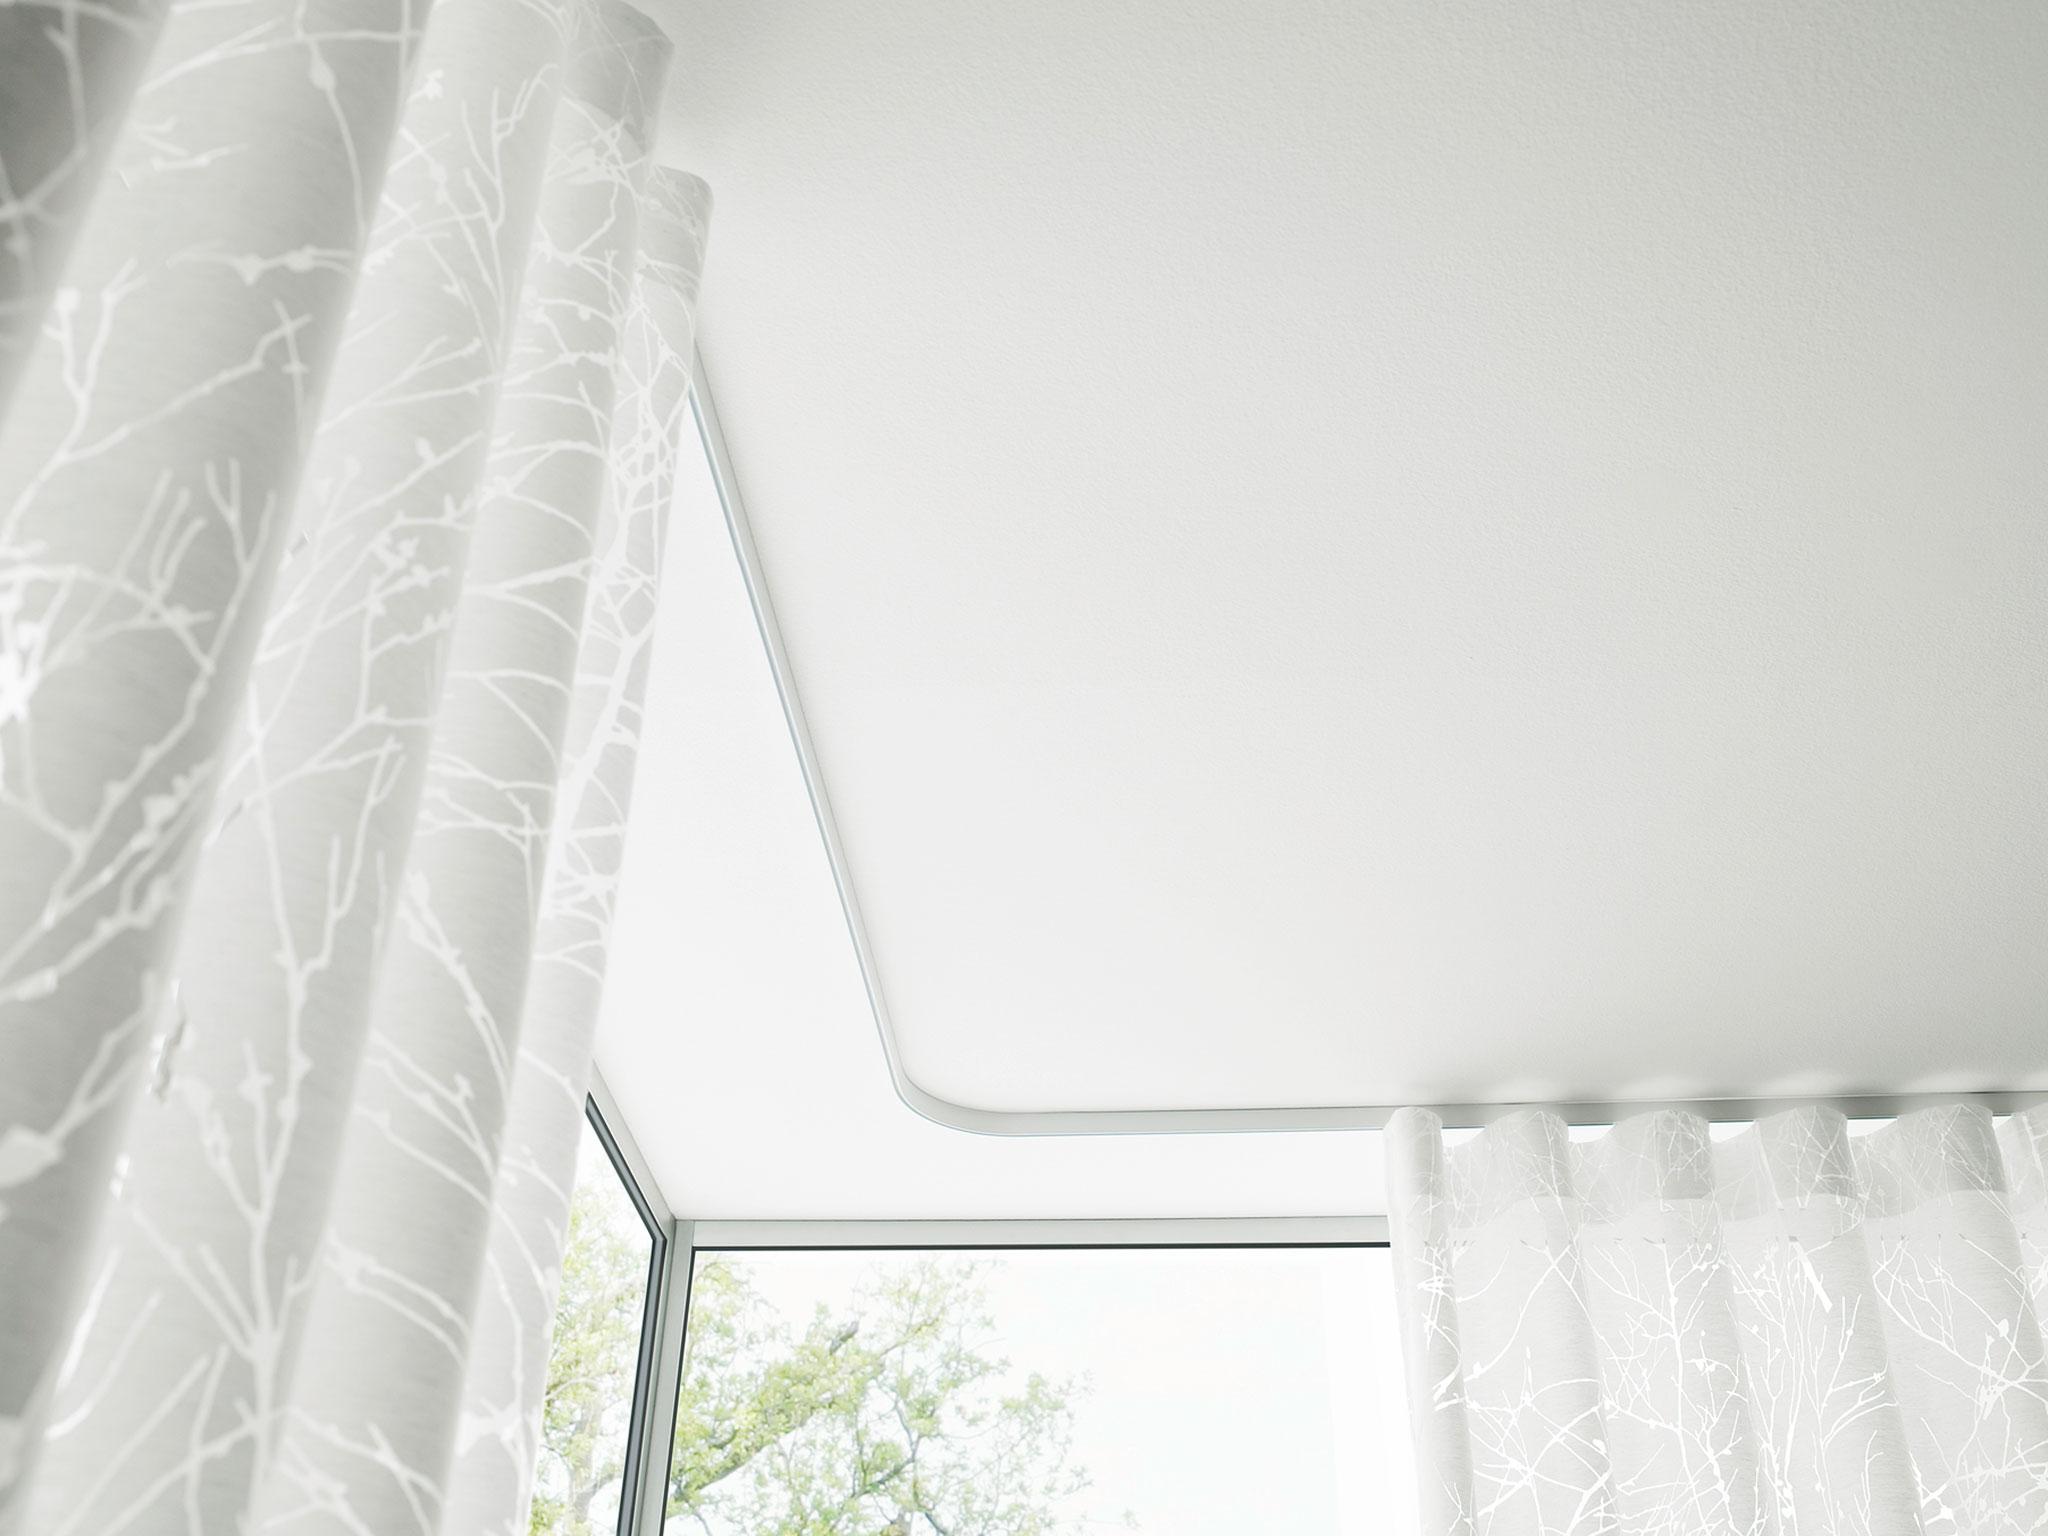 Tenda da sole scorrevole in tessuto con guide laterali tosca light. Binari Per Tende In Alluminio Leha